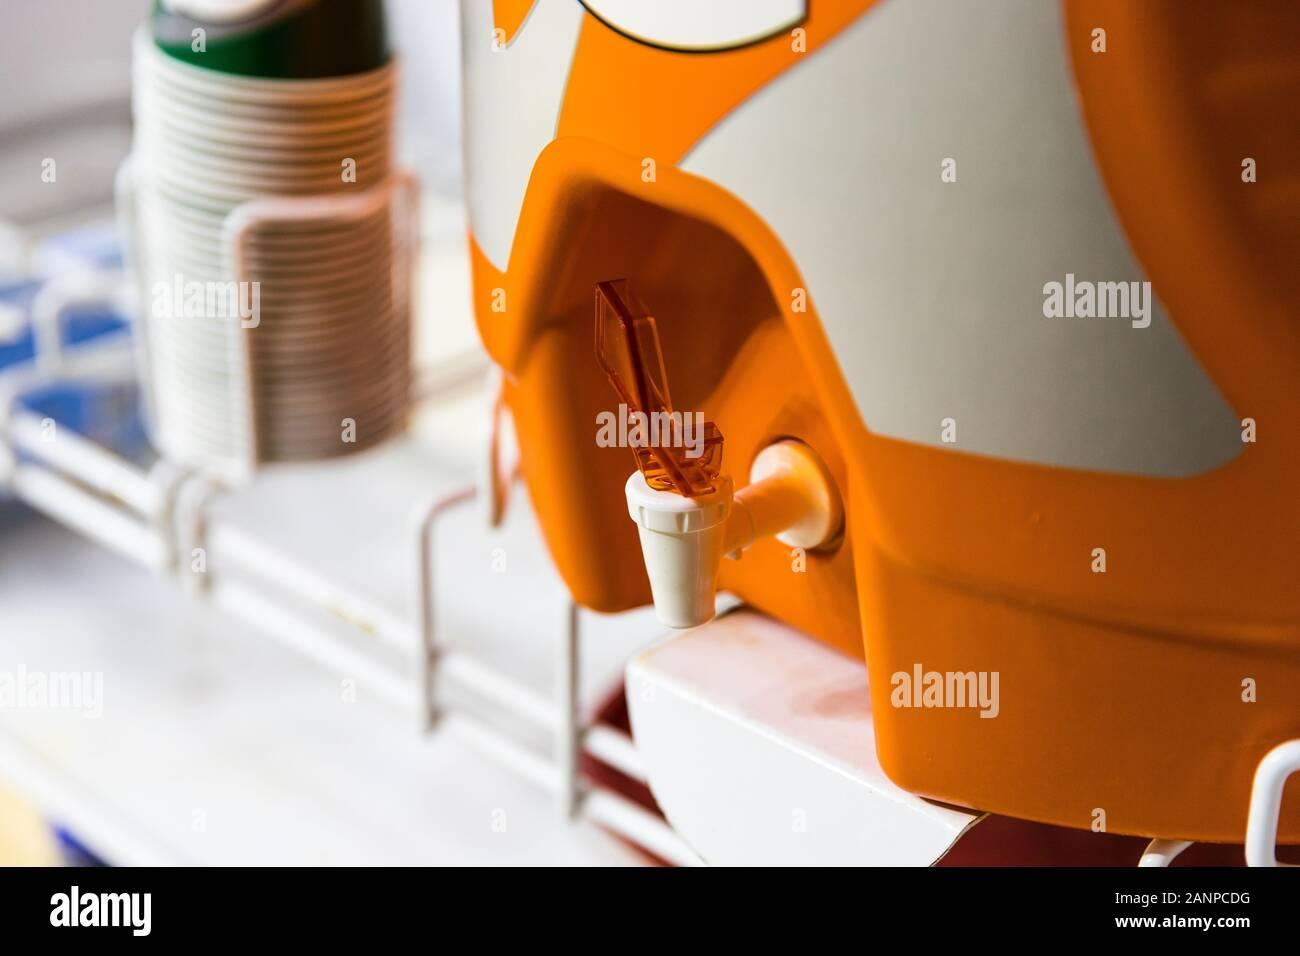 Refroidisseur d'eau orange utilisé pour hydrater les athlètes lors d'événements sportifs Banque D'Images